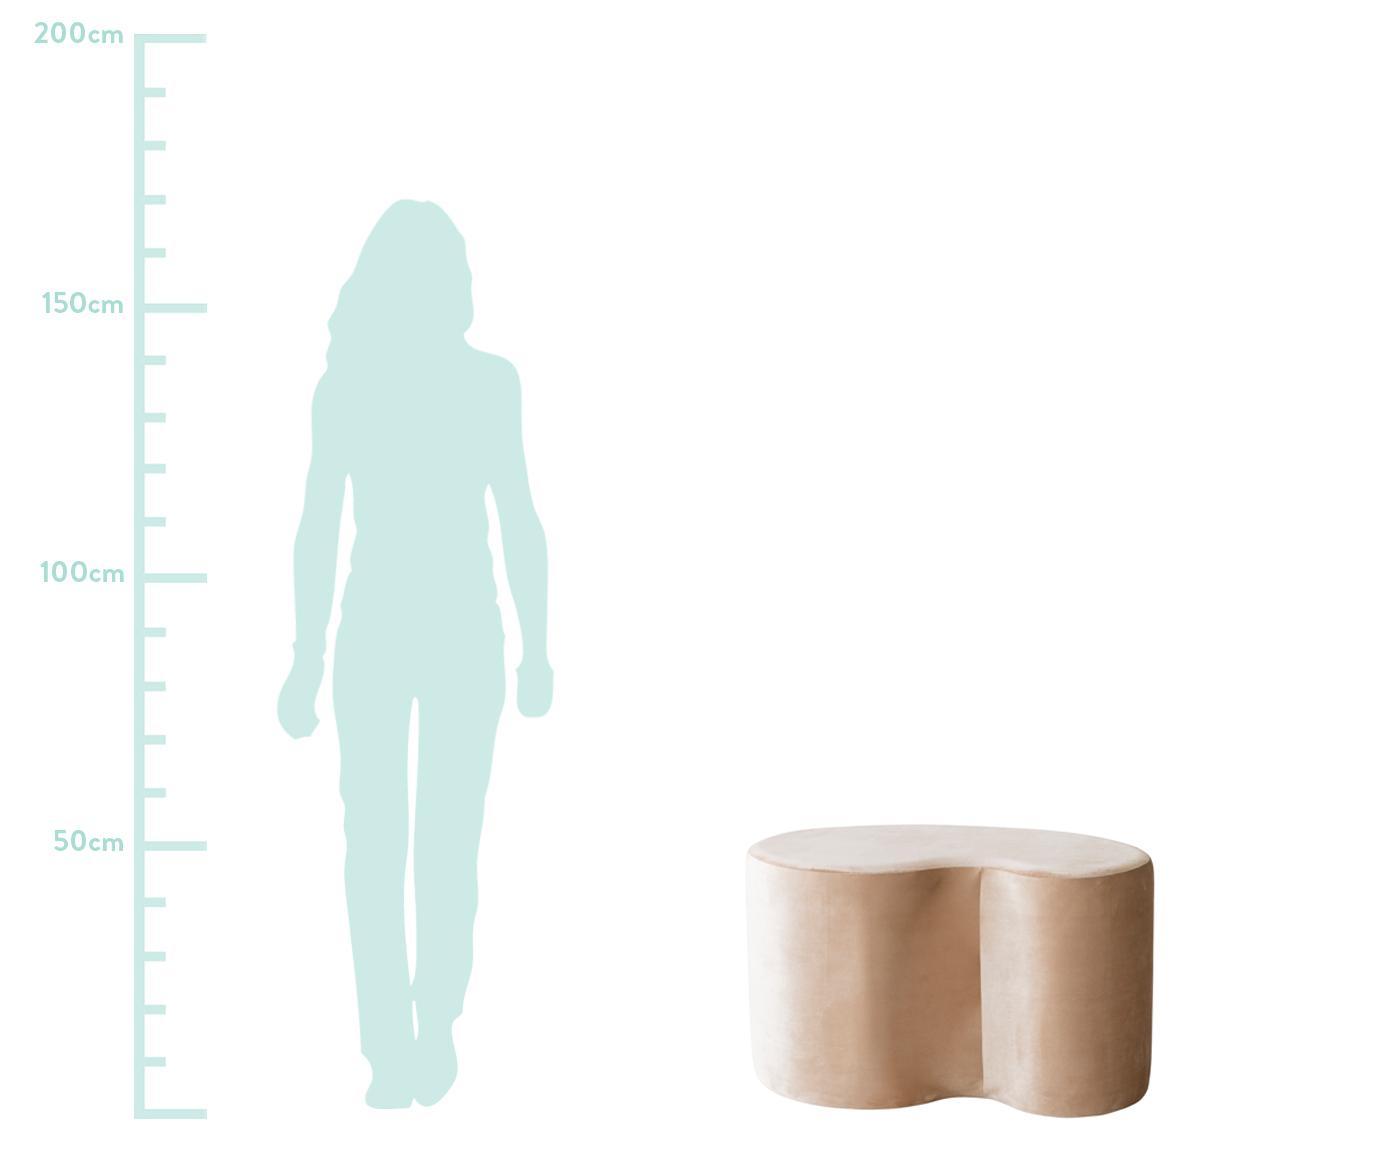 Lśniący puf z aksamitu Cloe, Tapicerka: aksamit poliestrowy, Stelaż: płyta pilśniowa średniej , Beżowy, S 80 x G 50 cm